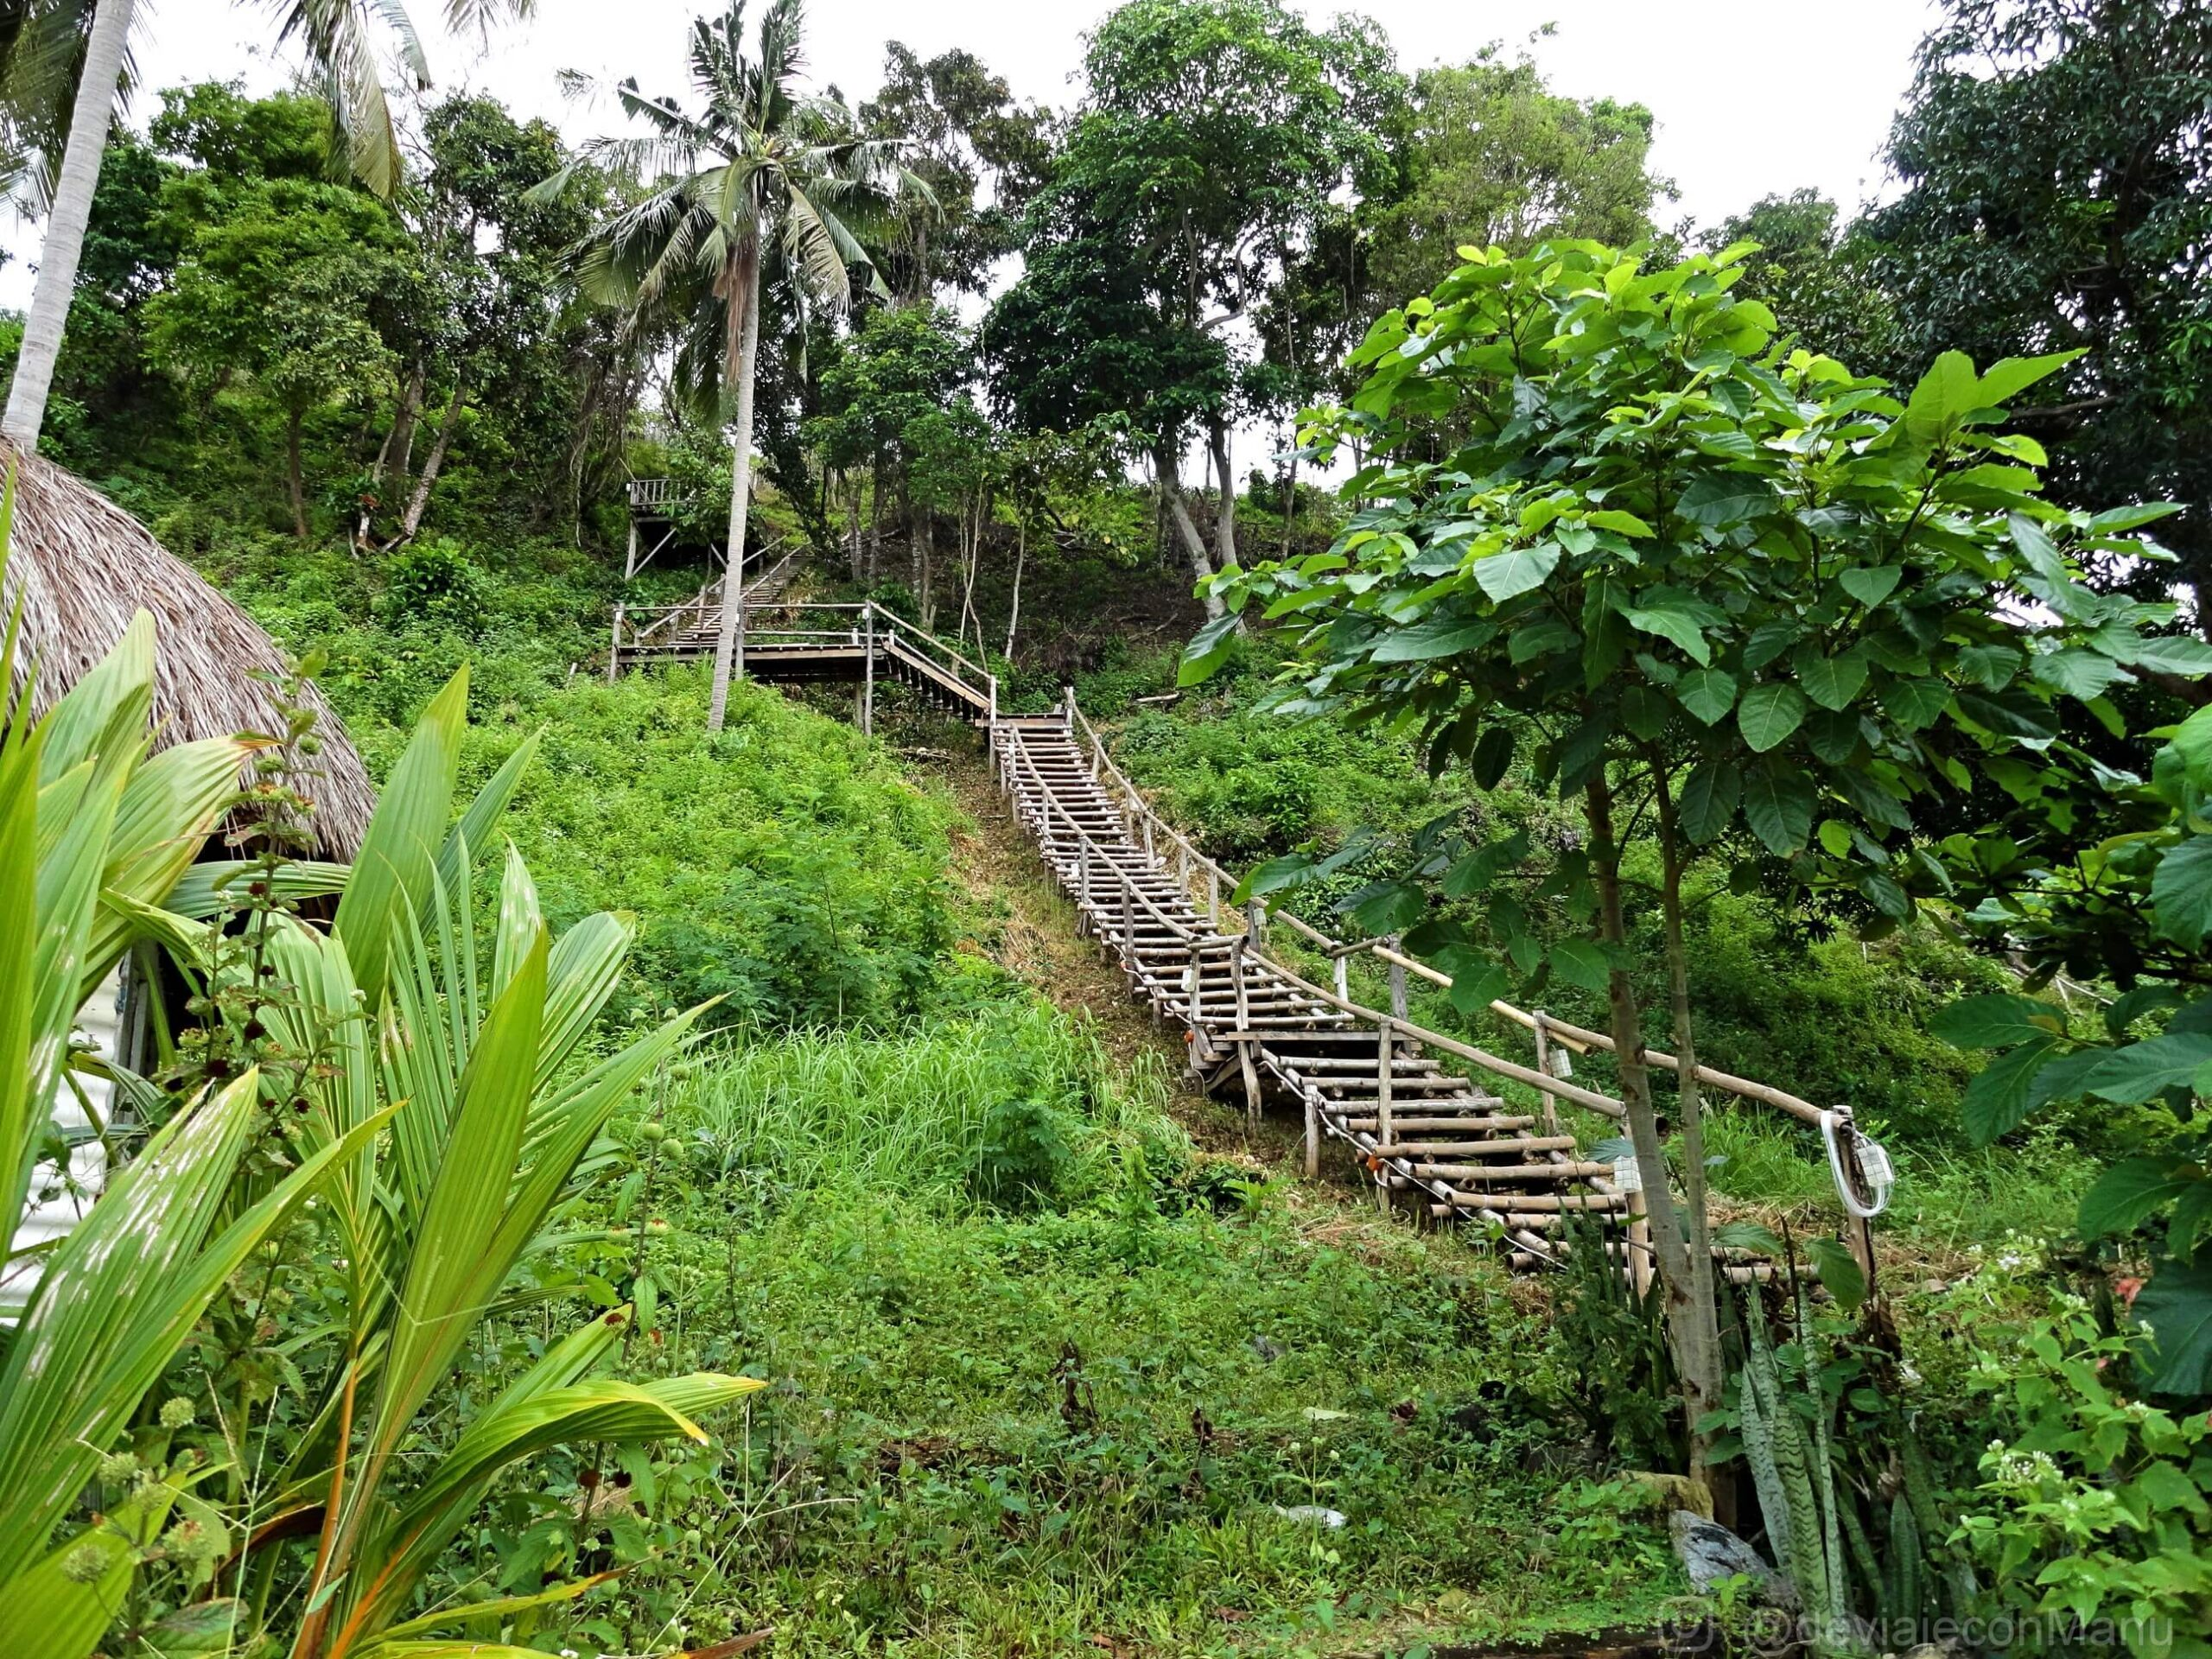 Escaleras selváticas